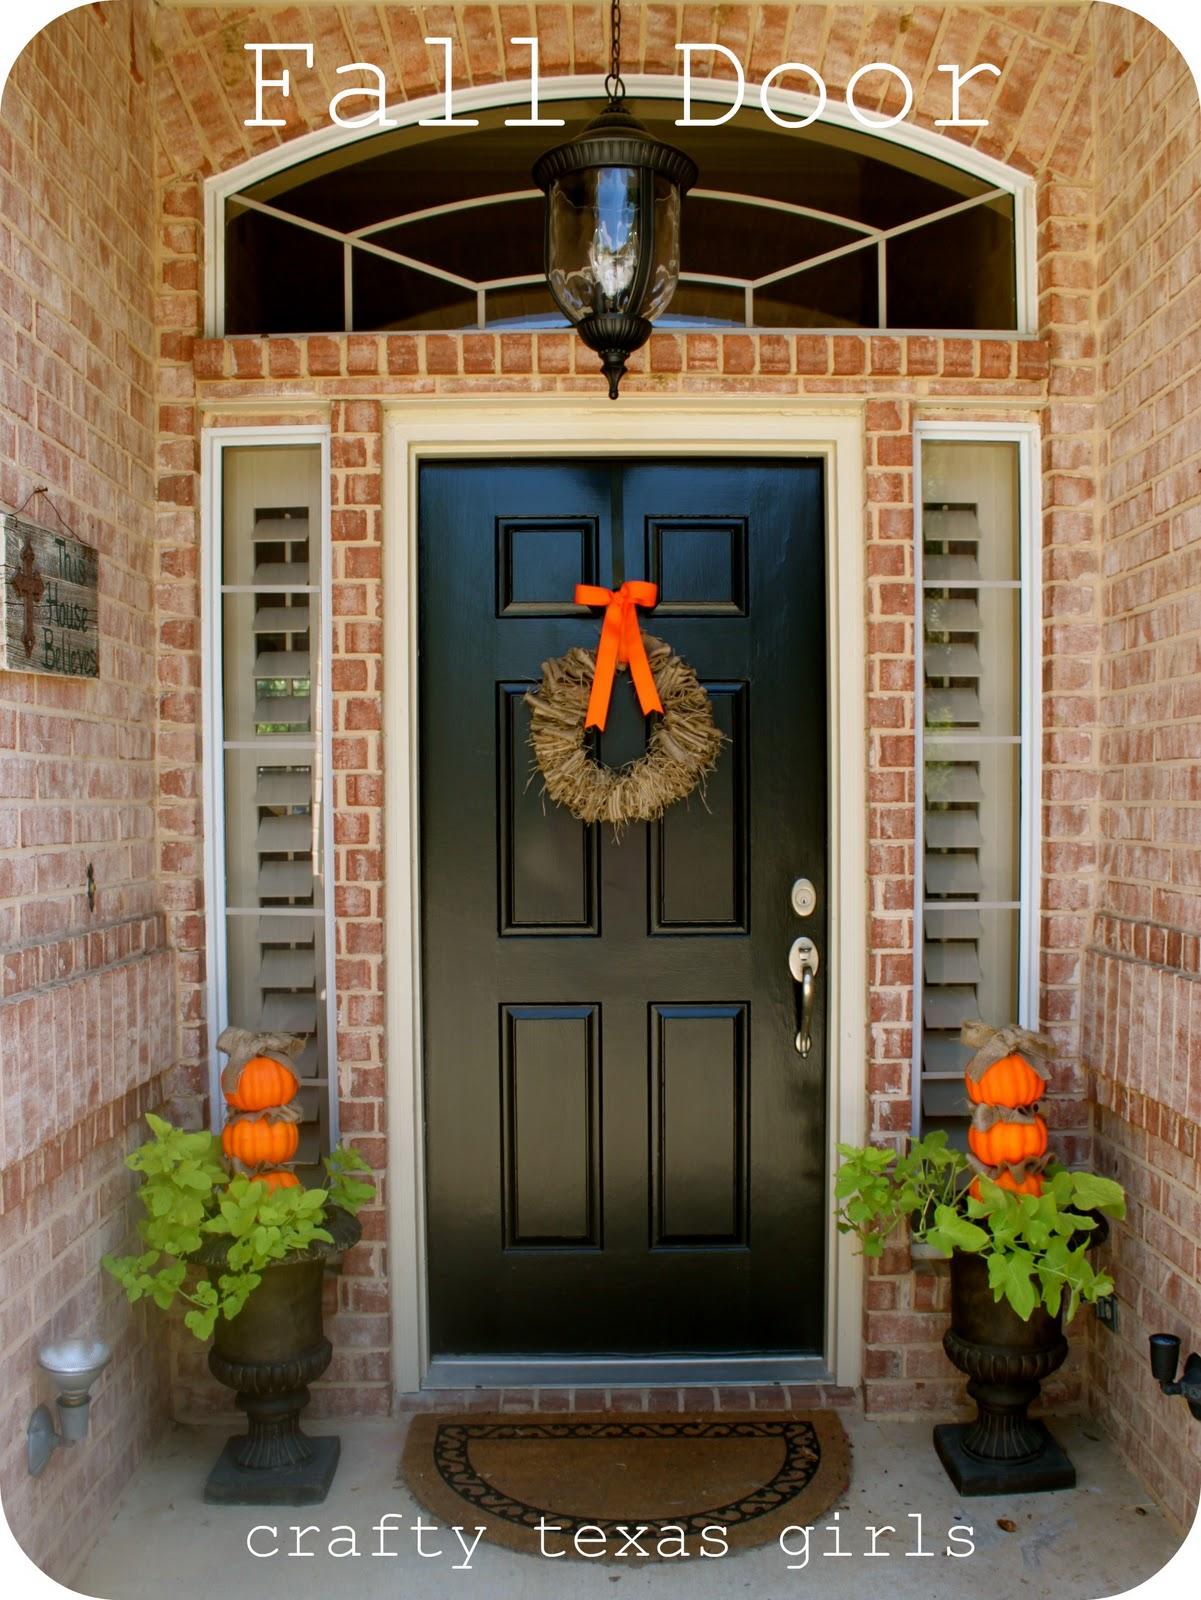 Crafty Texas Girls: Fall Door